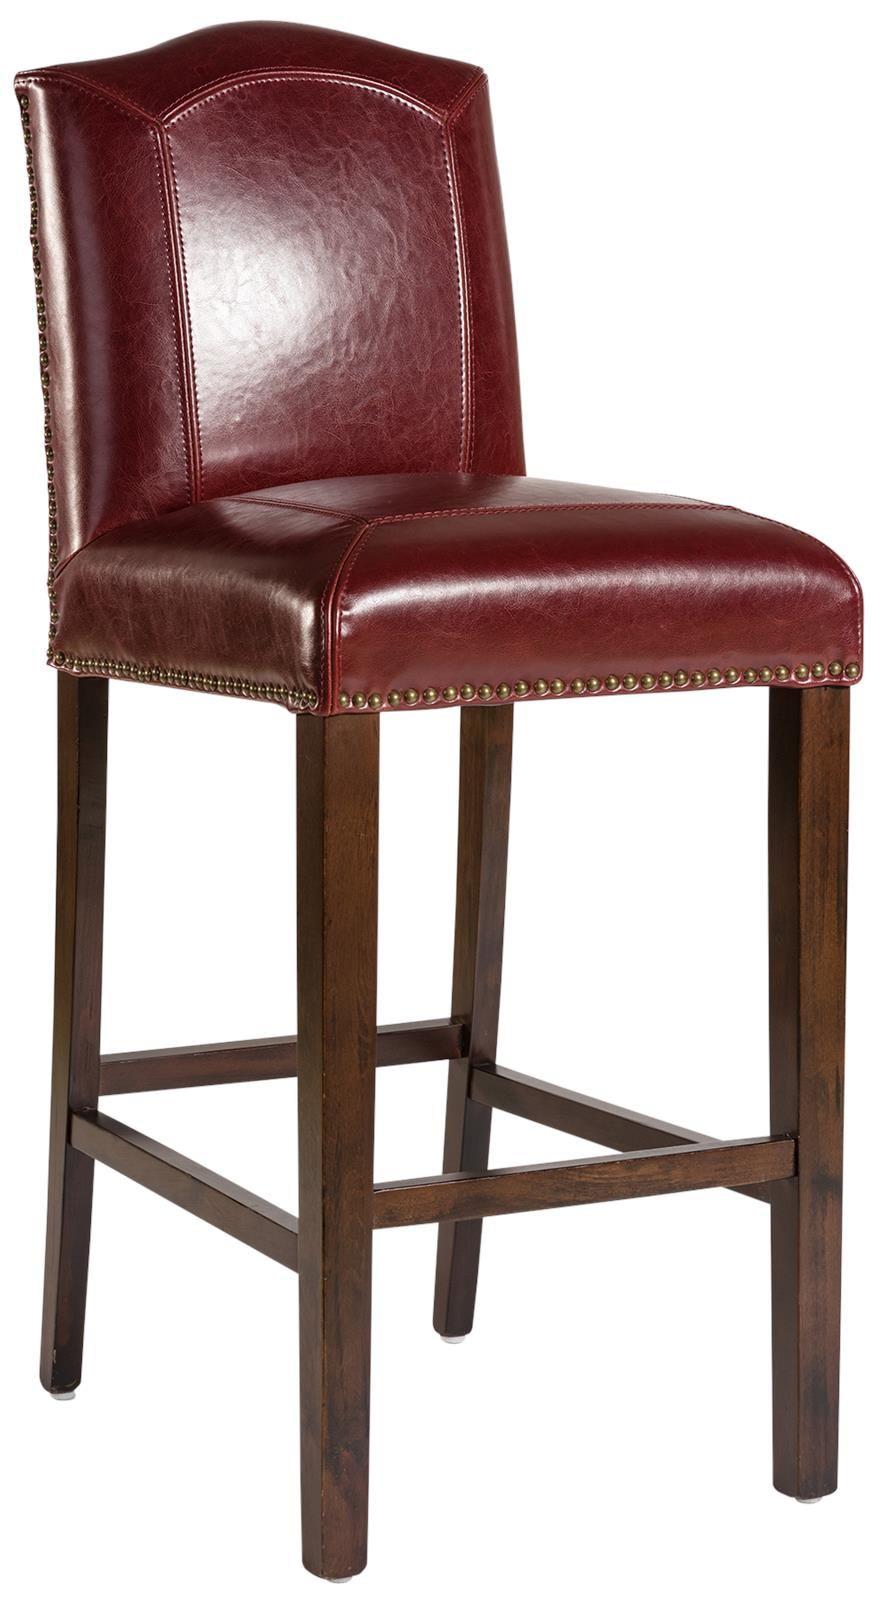 Bar Stool Cloister Rouge Bordeaux Dark Walnut Red Birch Wood Split Grain L At 46 Furnit Brown Leather Bar Stools Counter Stools Contemporary Leather Furniture